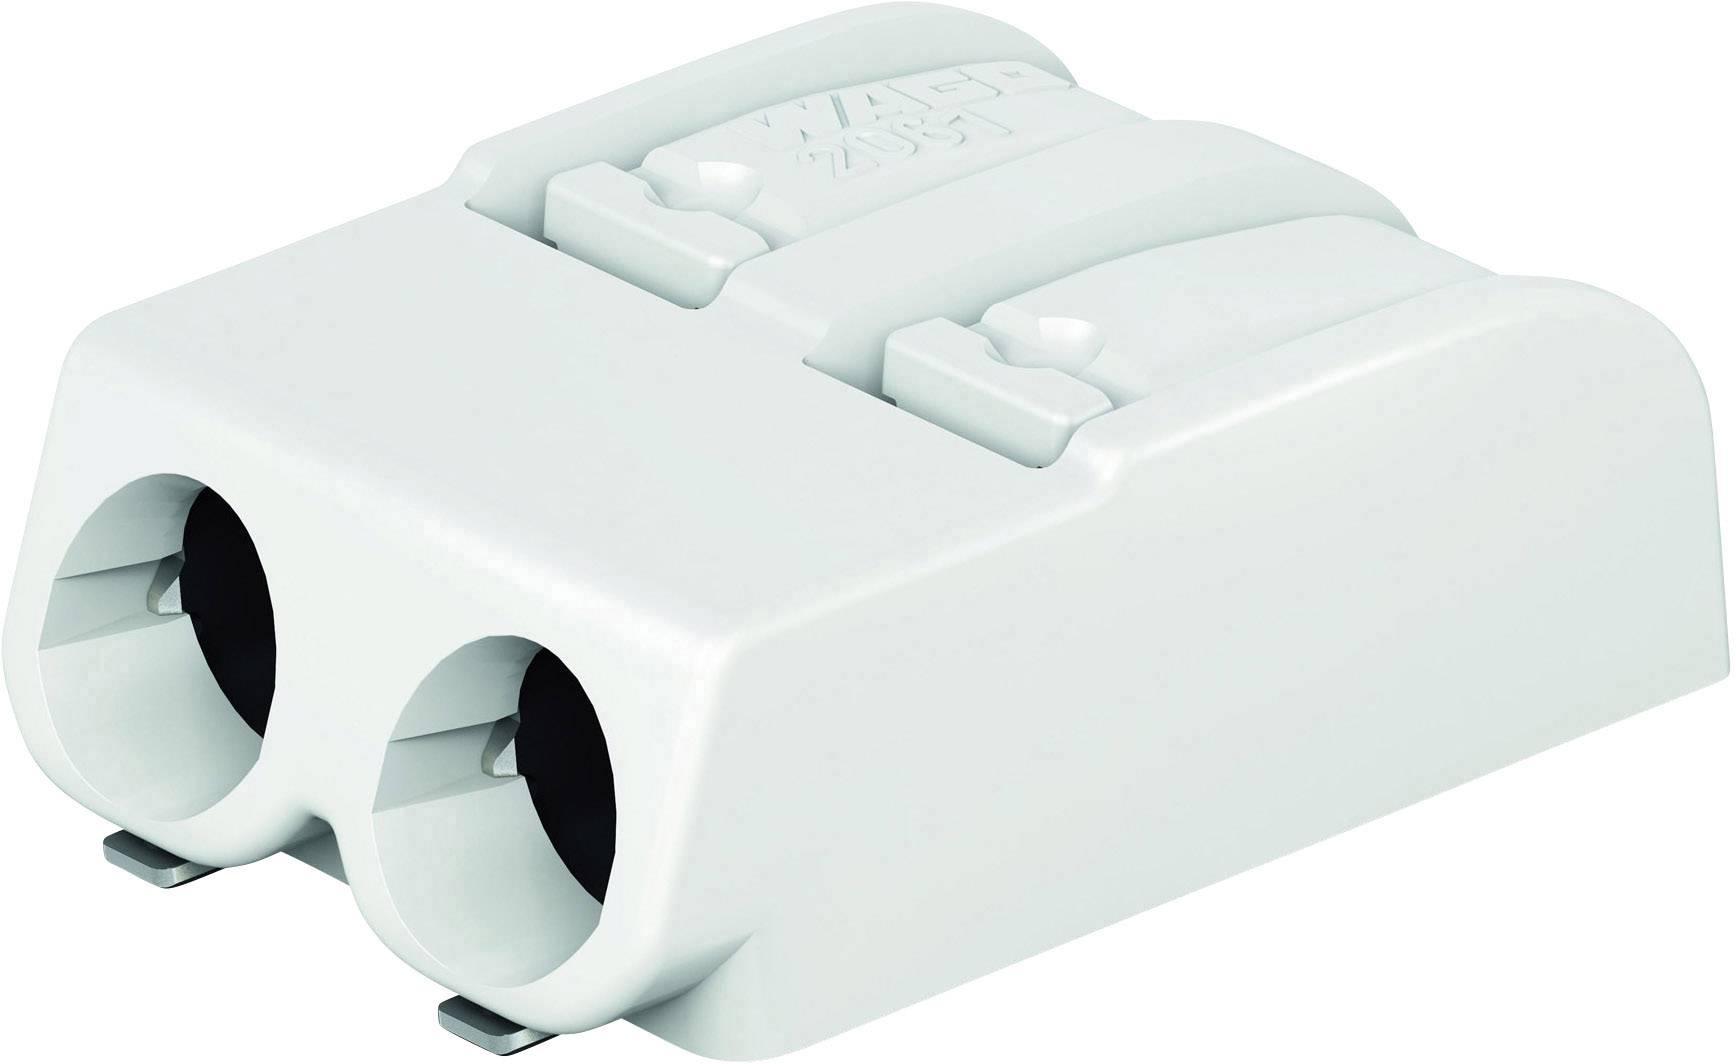 Svorkovnice pro desku plošných spojů 2 WAGO 2061-602/998-404, AWG 20-16, 6 mm, 12 A, bílá